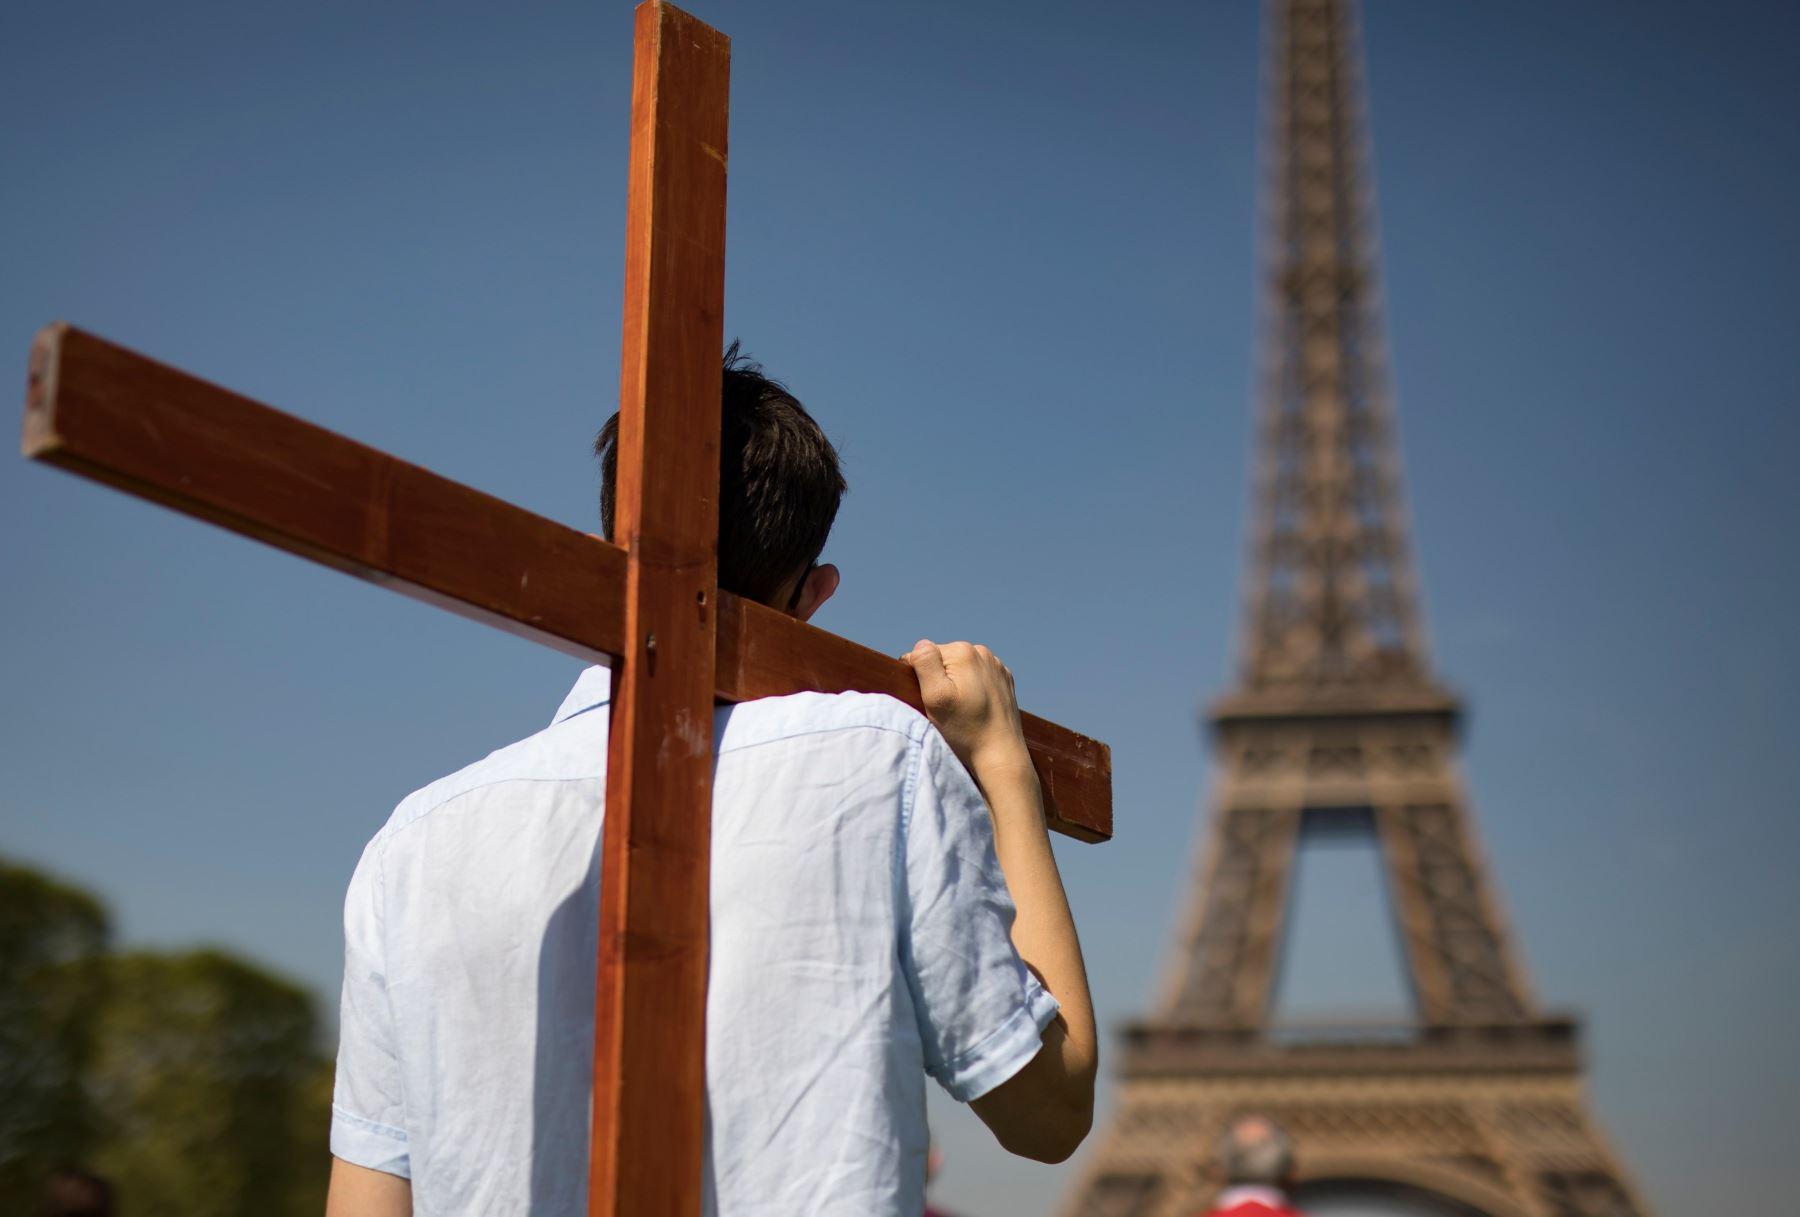 Creyentes participan en una ceremonia junto a al Torre Eiffel en ParÌs (Francia) este Viernes Santo. EFE/ Ian Langsdon